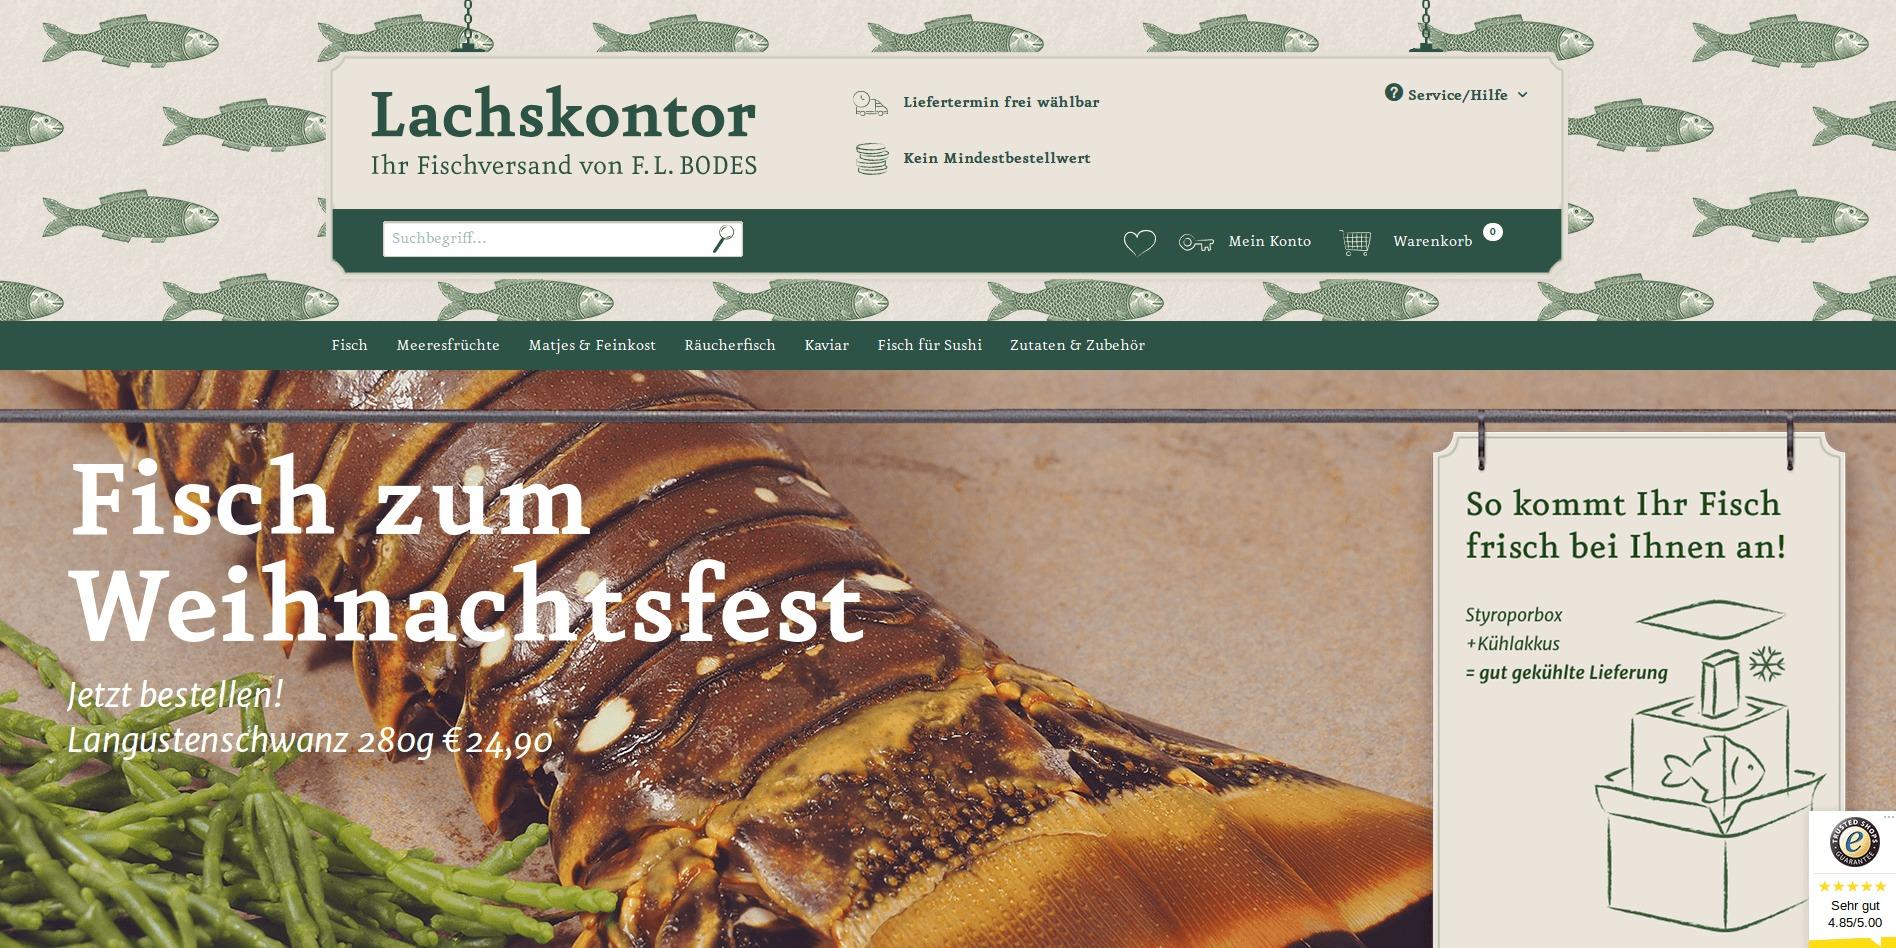 Lachskontor Webseite